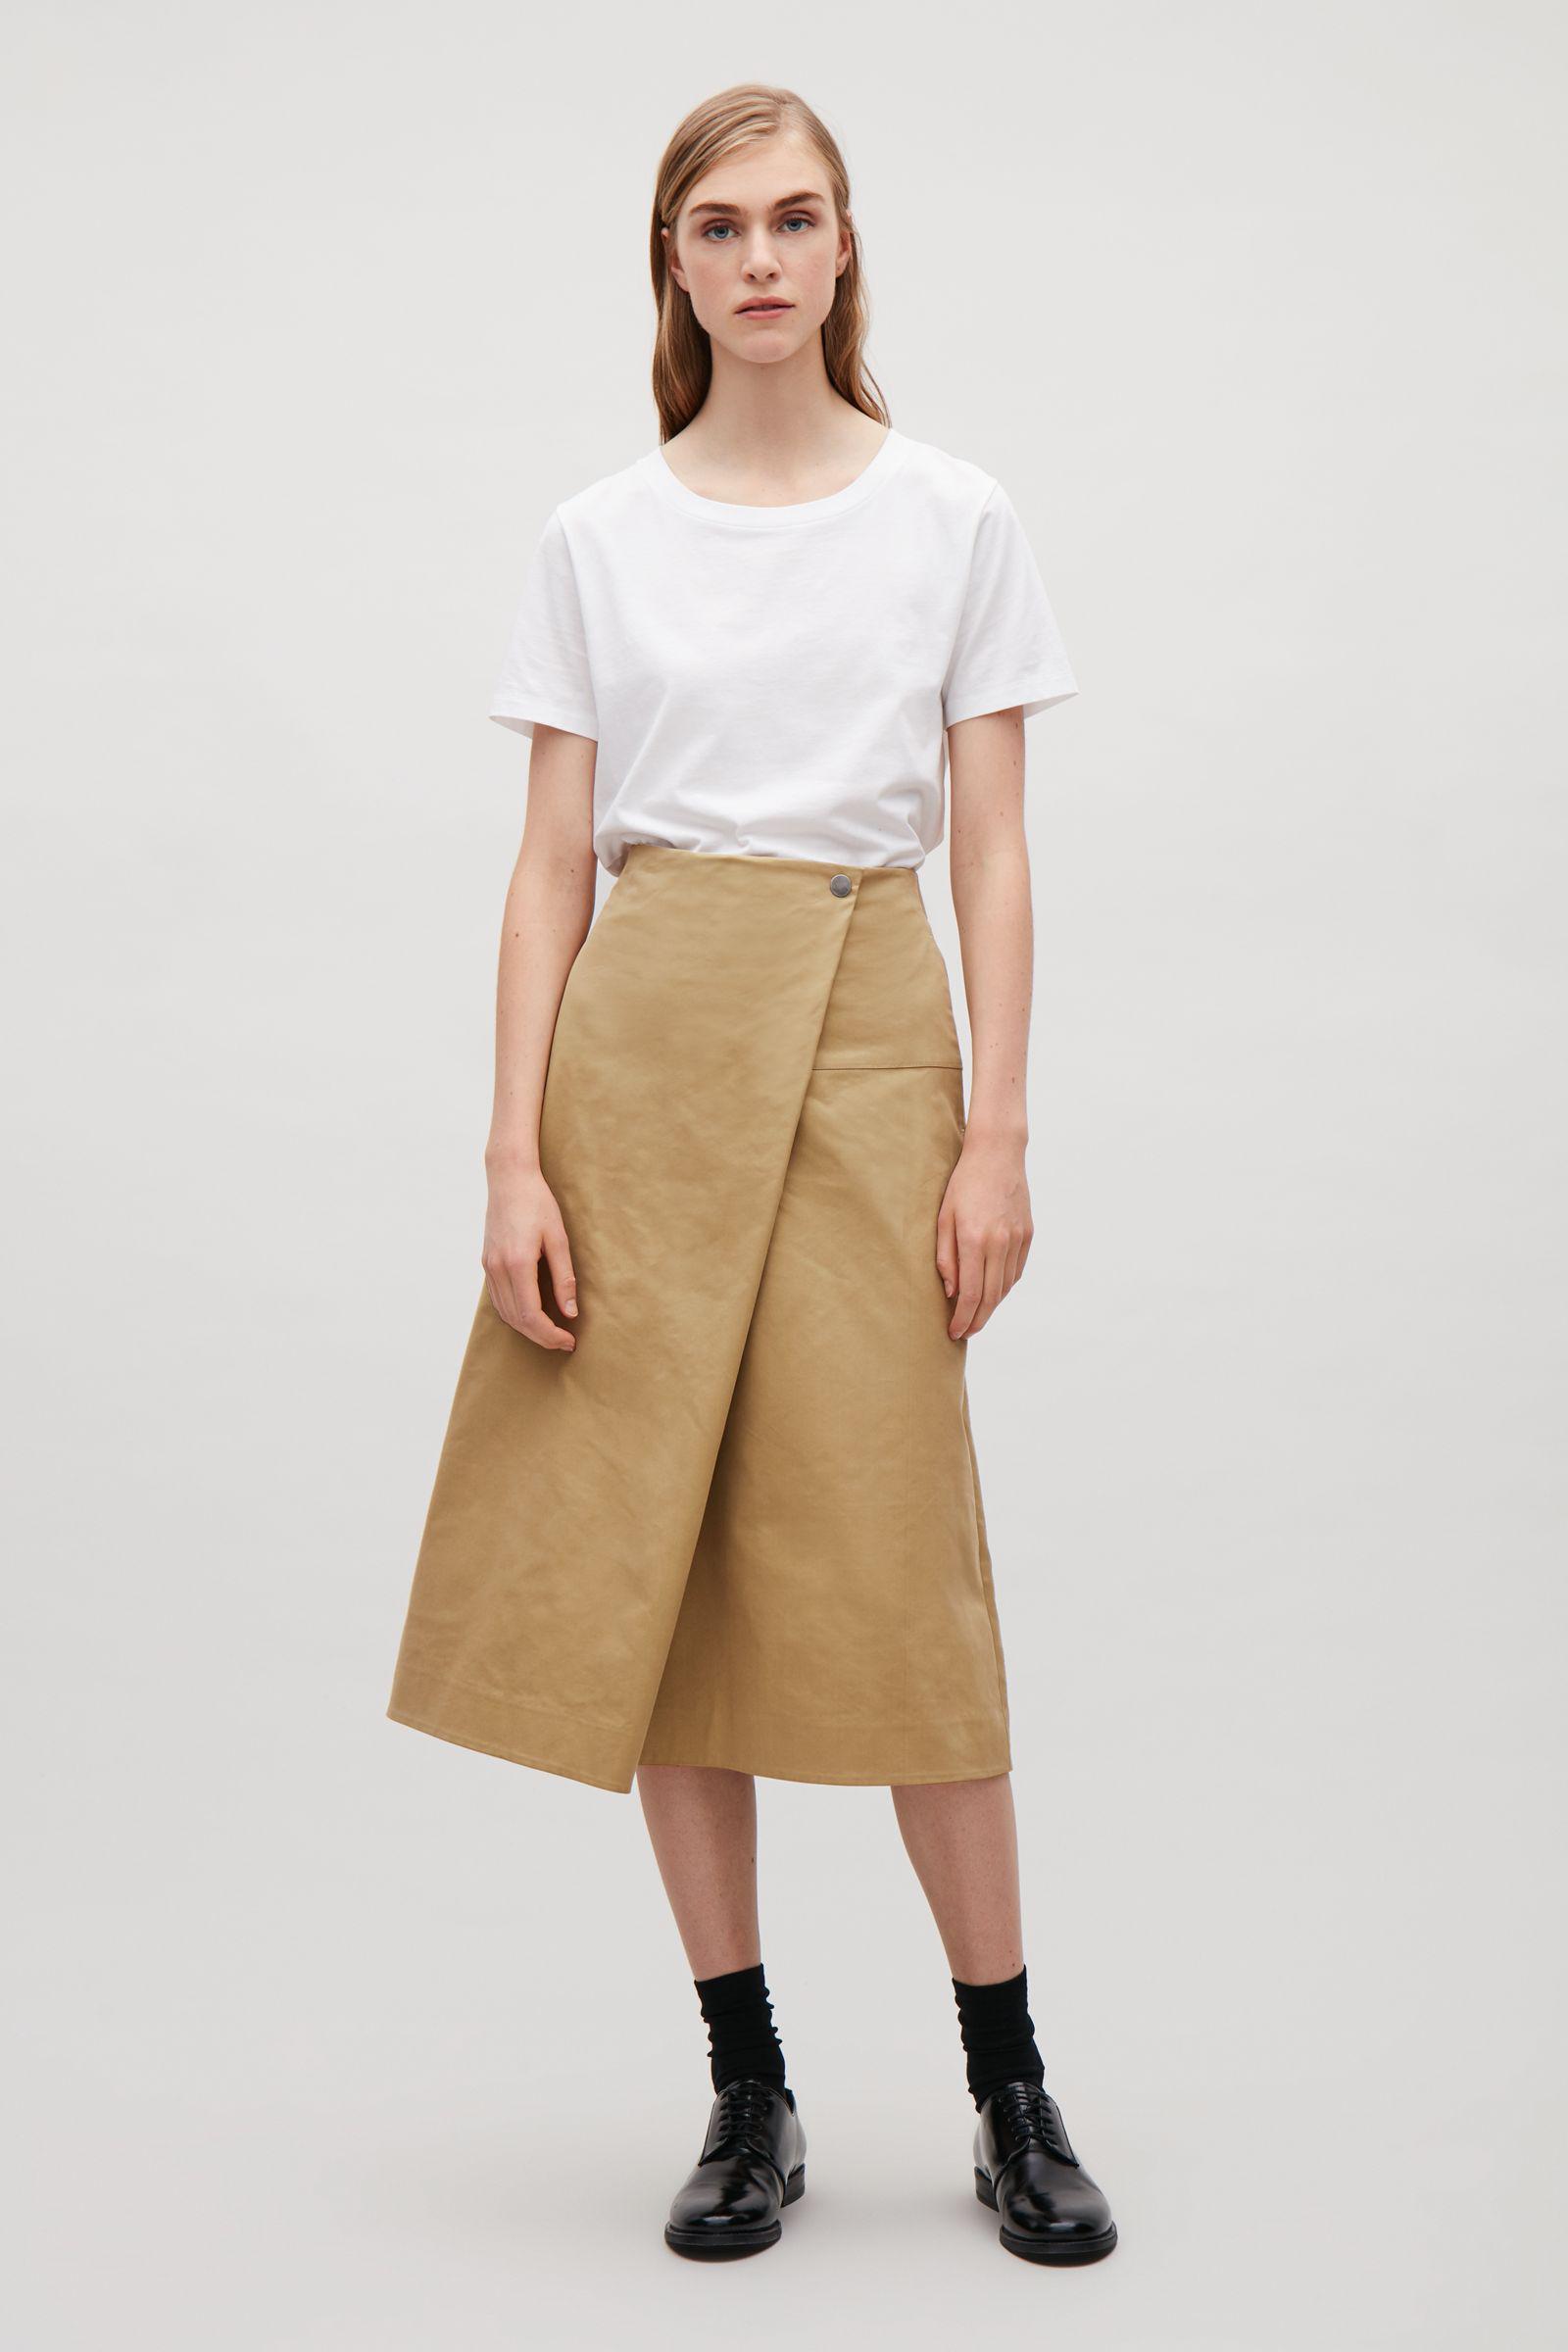 71902c724a3 Lyst - COS A-line Skirt With Asymmetric Fold